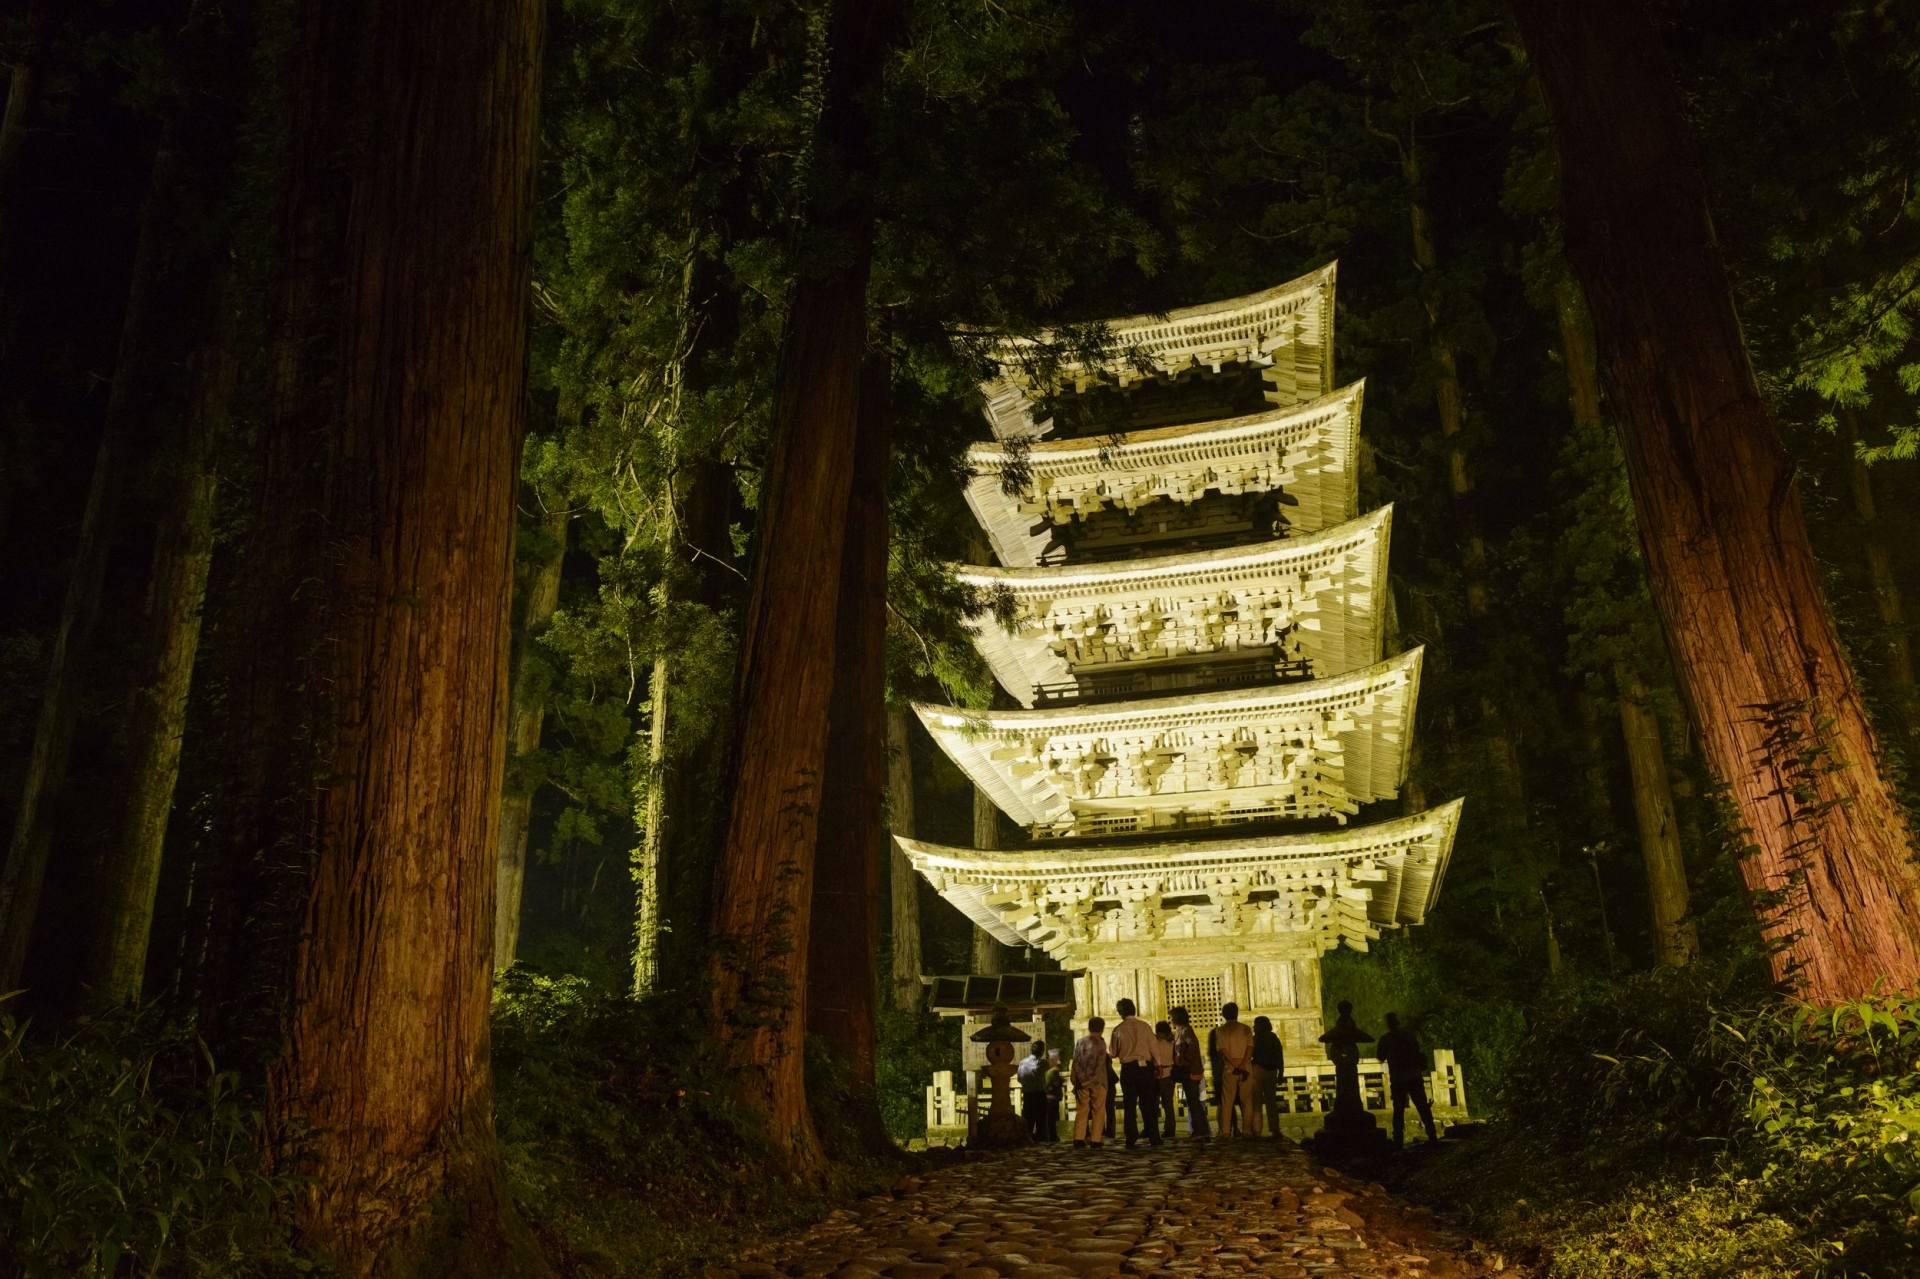 耸立杉林间的国宝「五重塔」